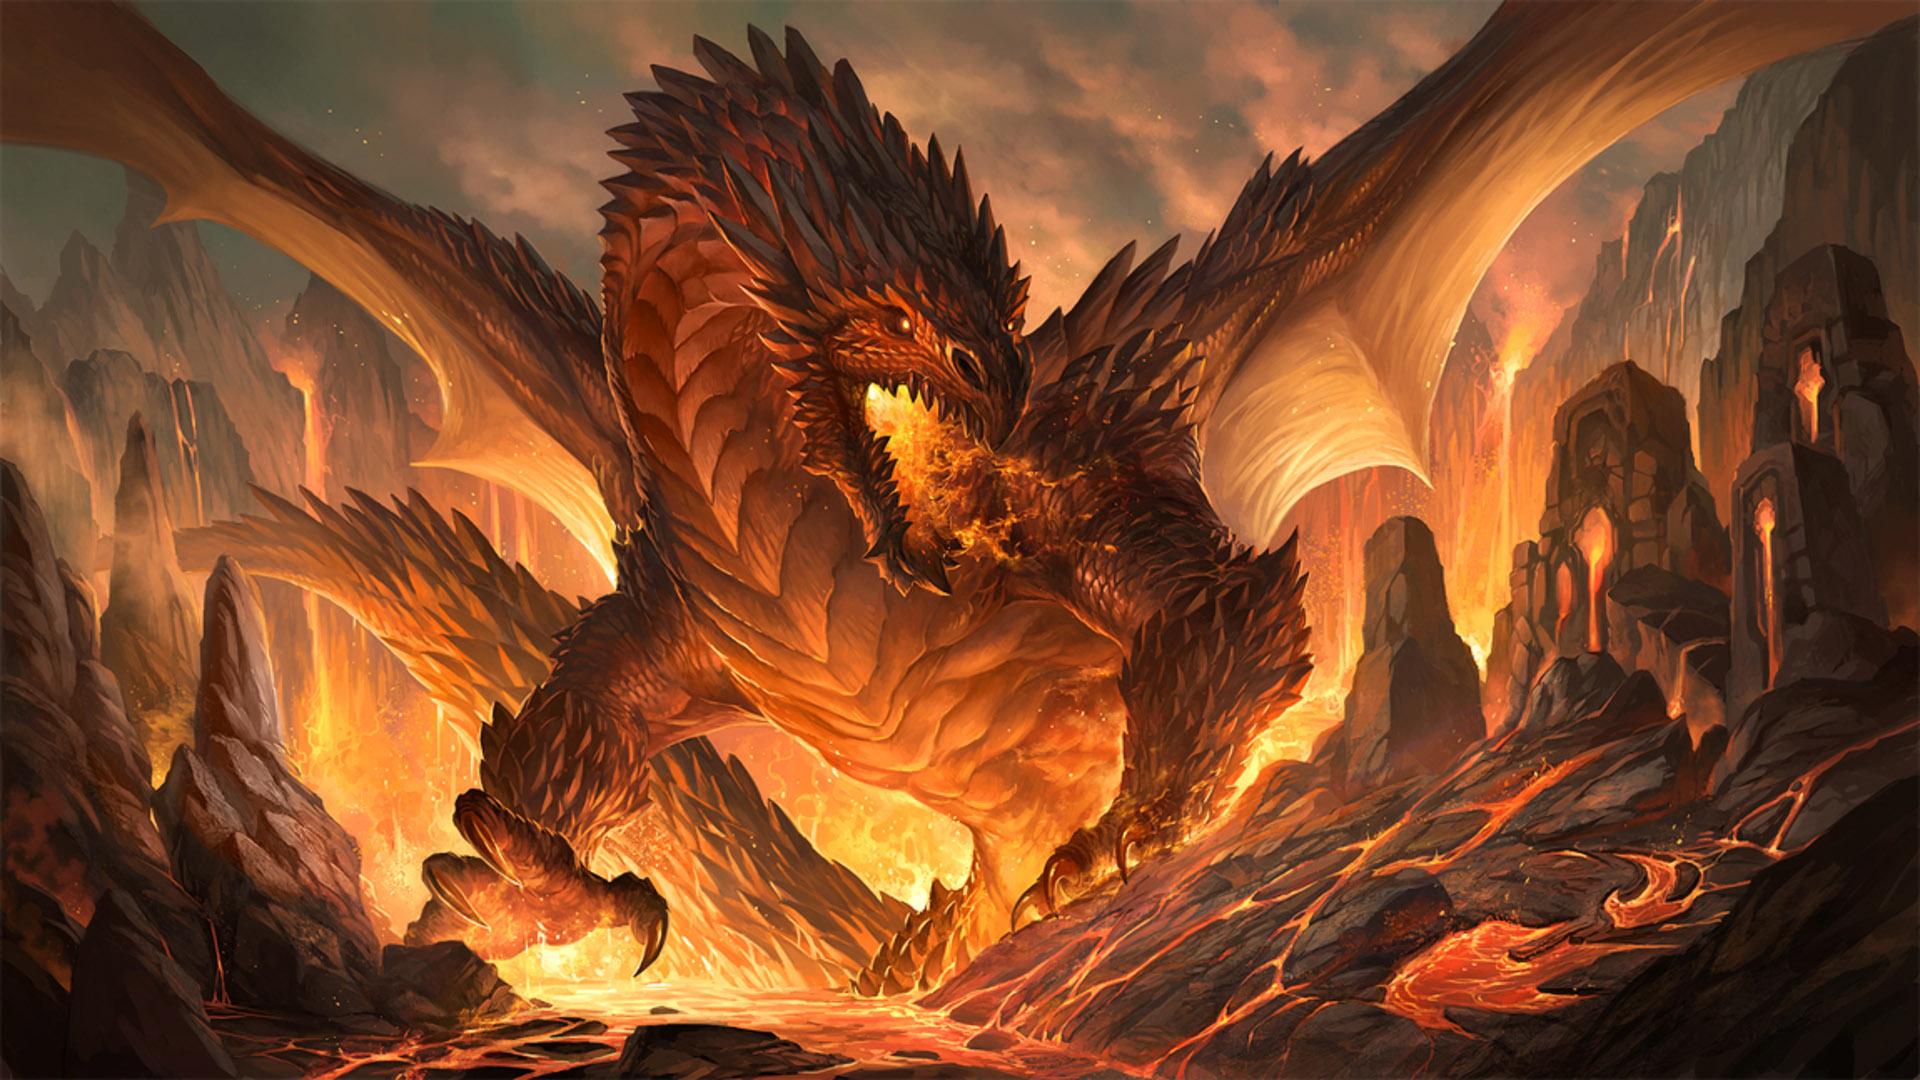 Презентации для с кодами драконы с кодами картинки